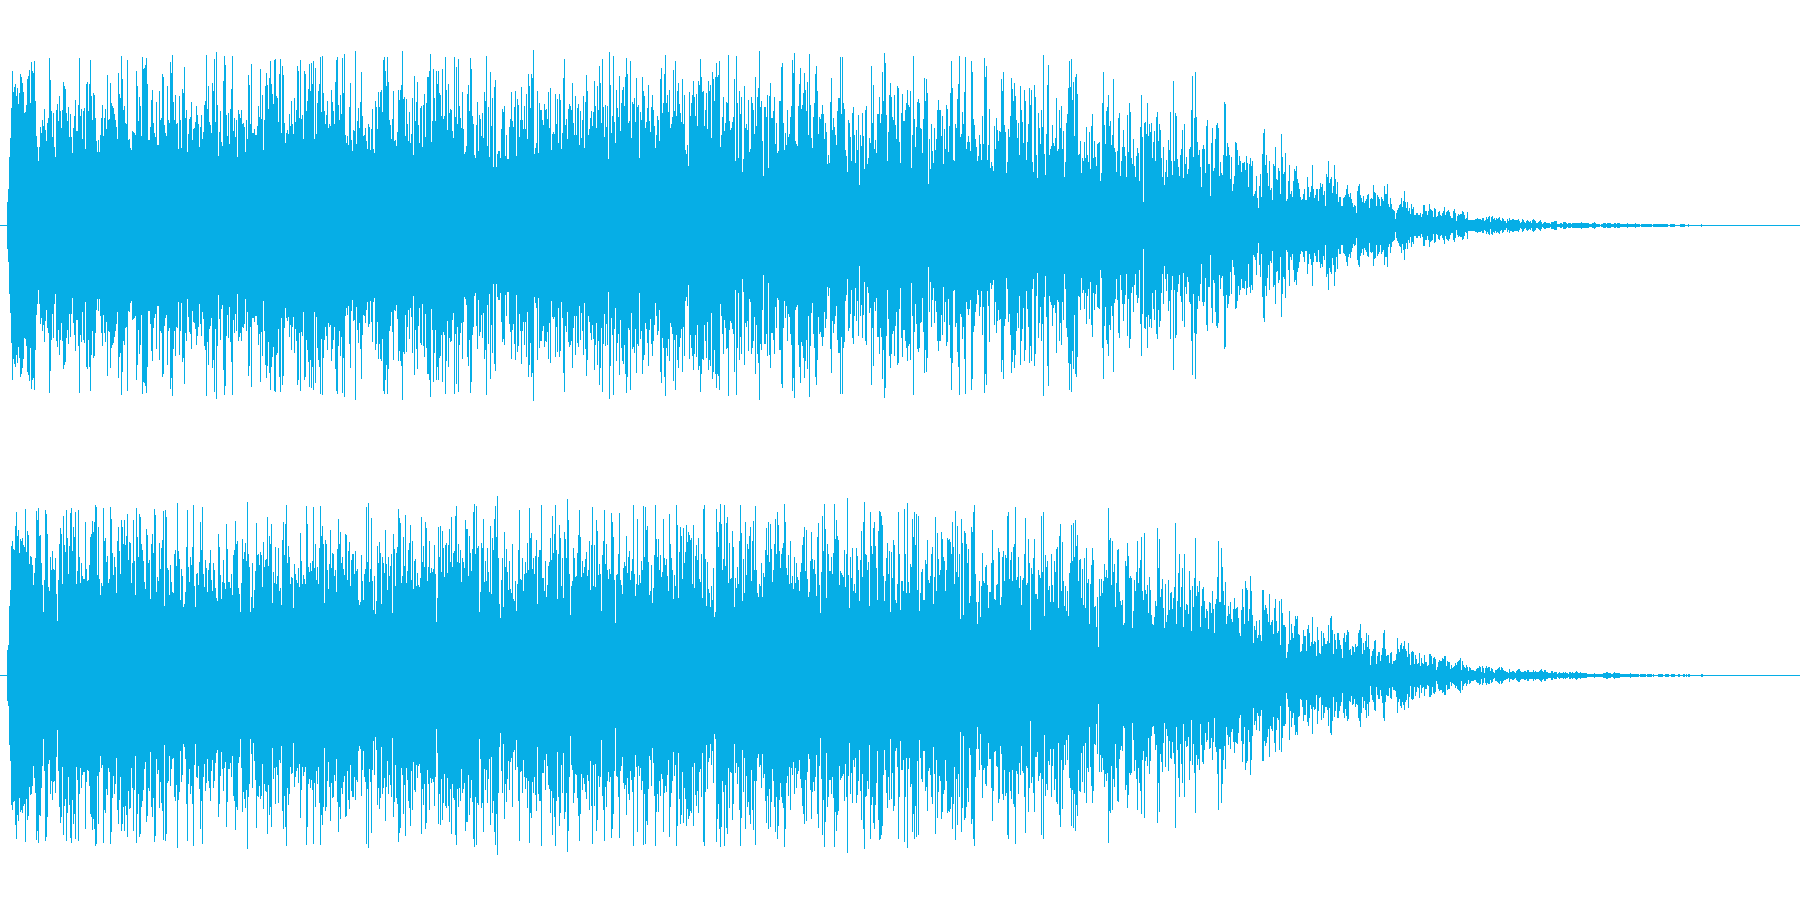 宇宙船通過(キューーンという甲高い音)の再生済みの波形